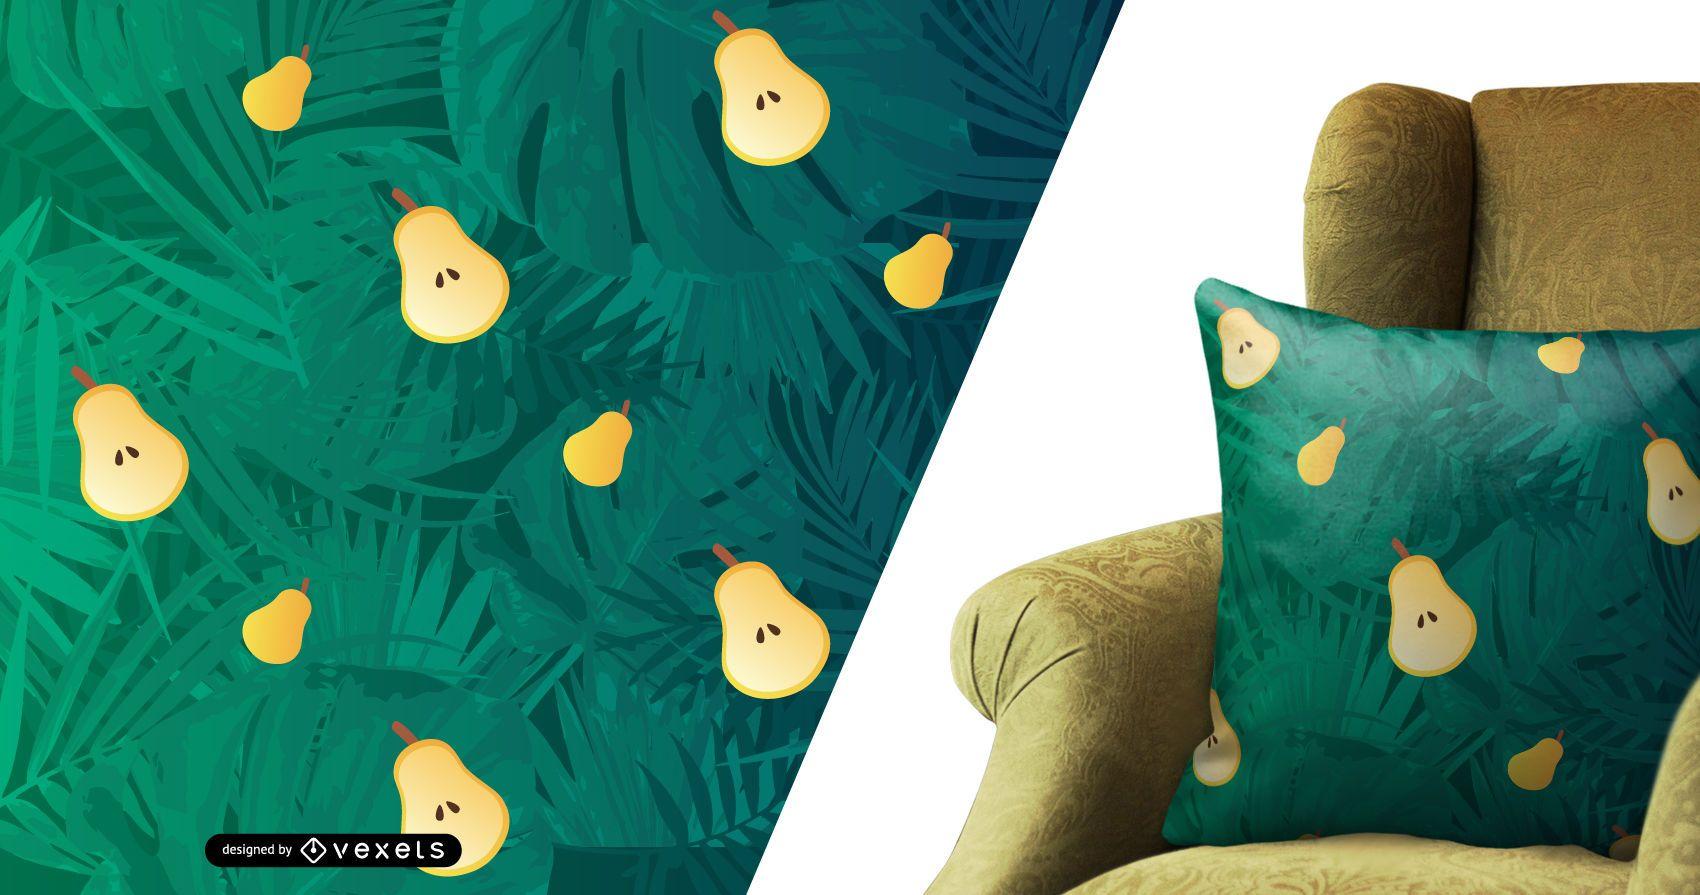 Patr?n de peras y hojas de palma